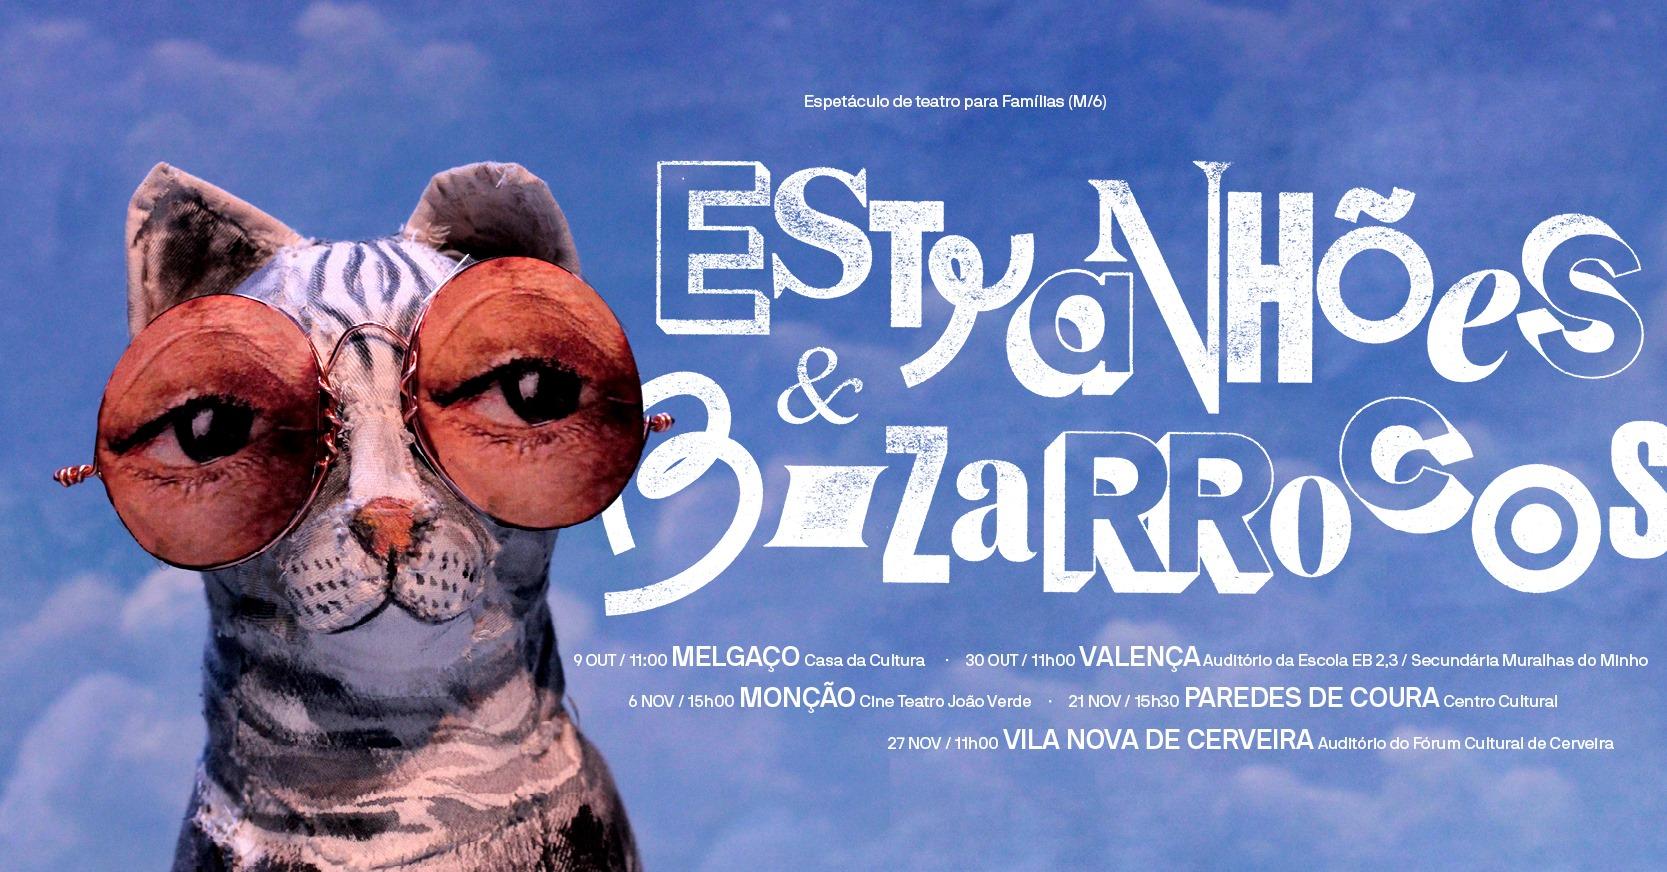 ESTRANHÕES E BIZARROCOS   (teatro para famílias)